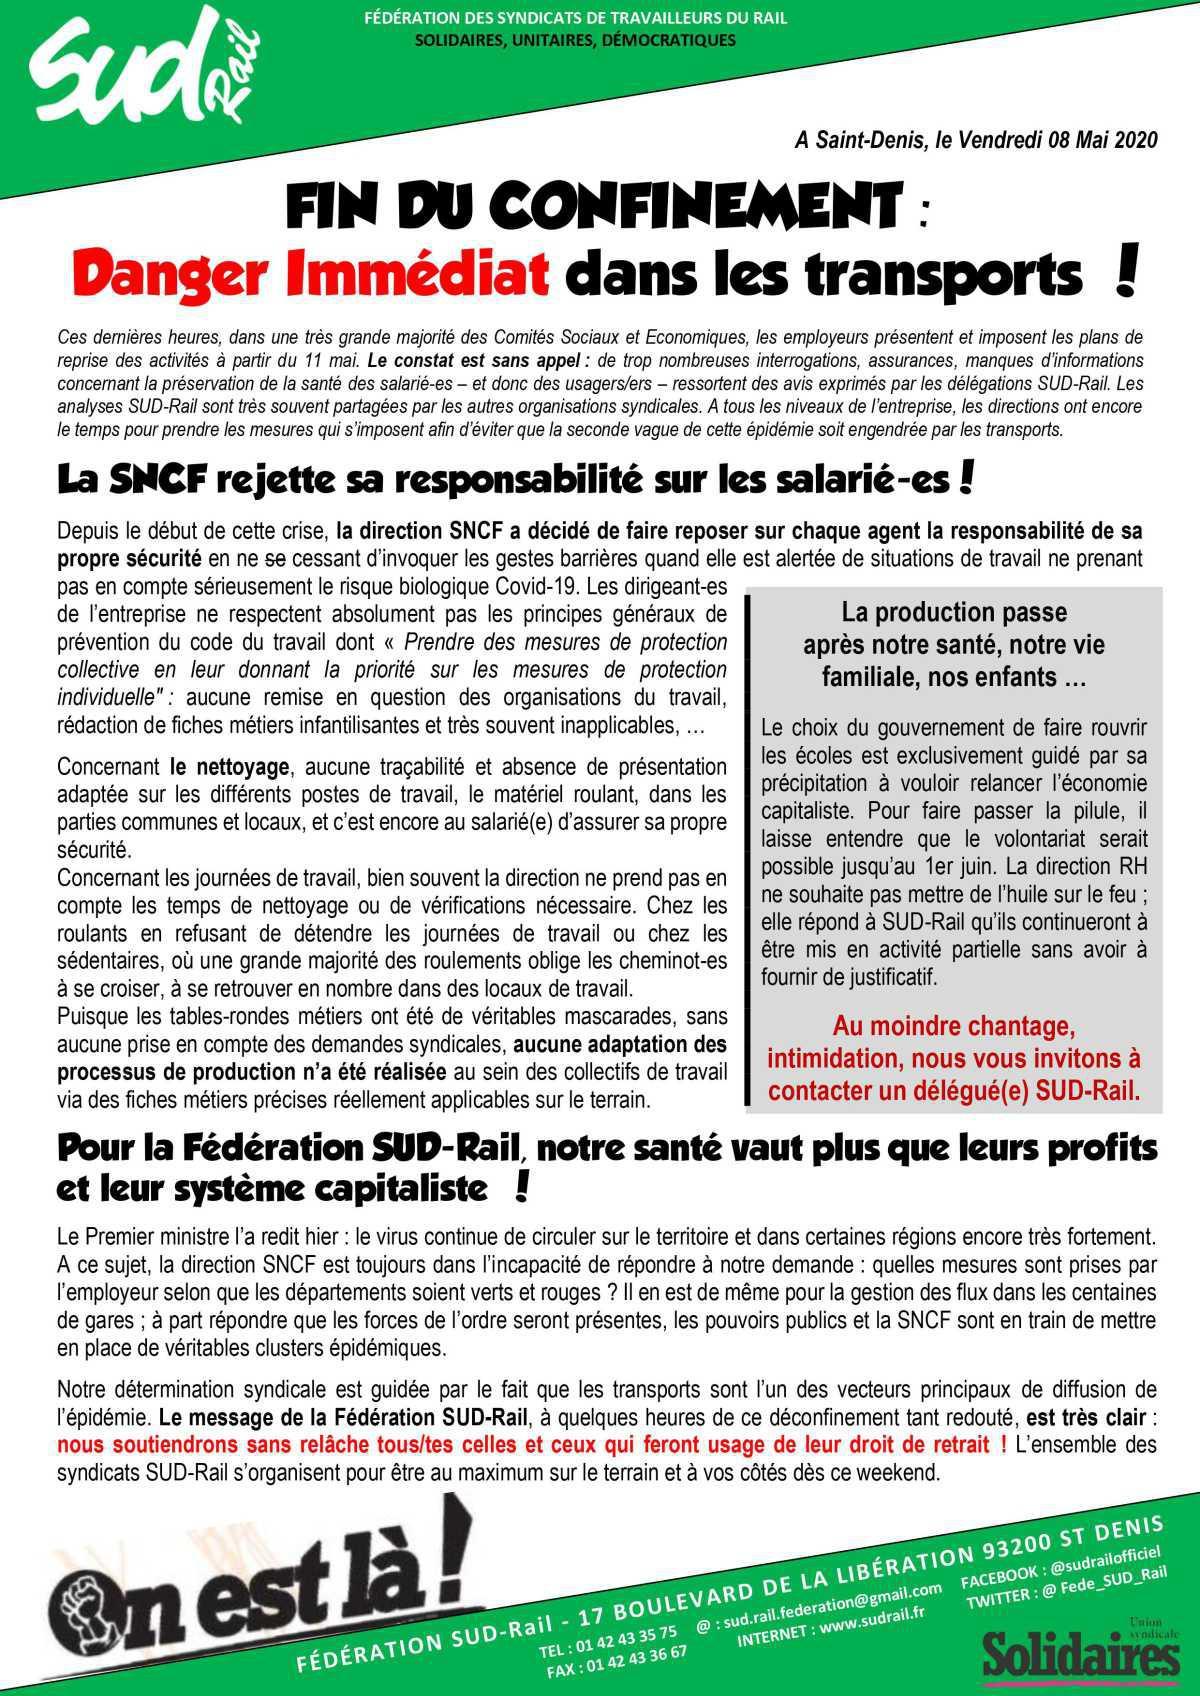 Fin du confinement : danger dans les transports !